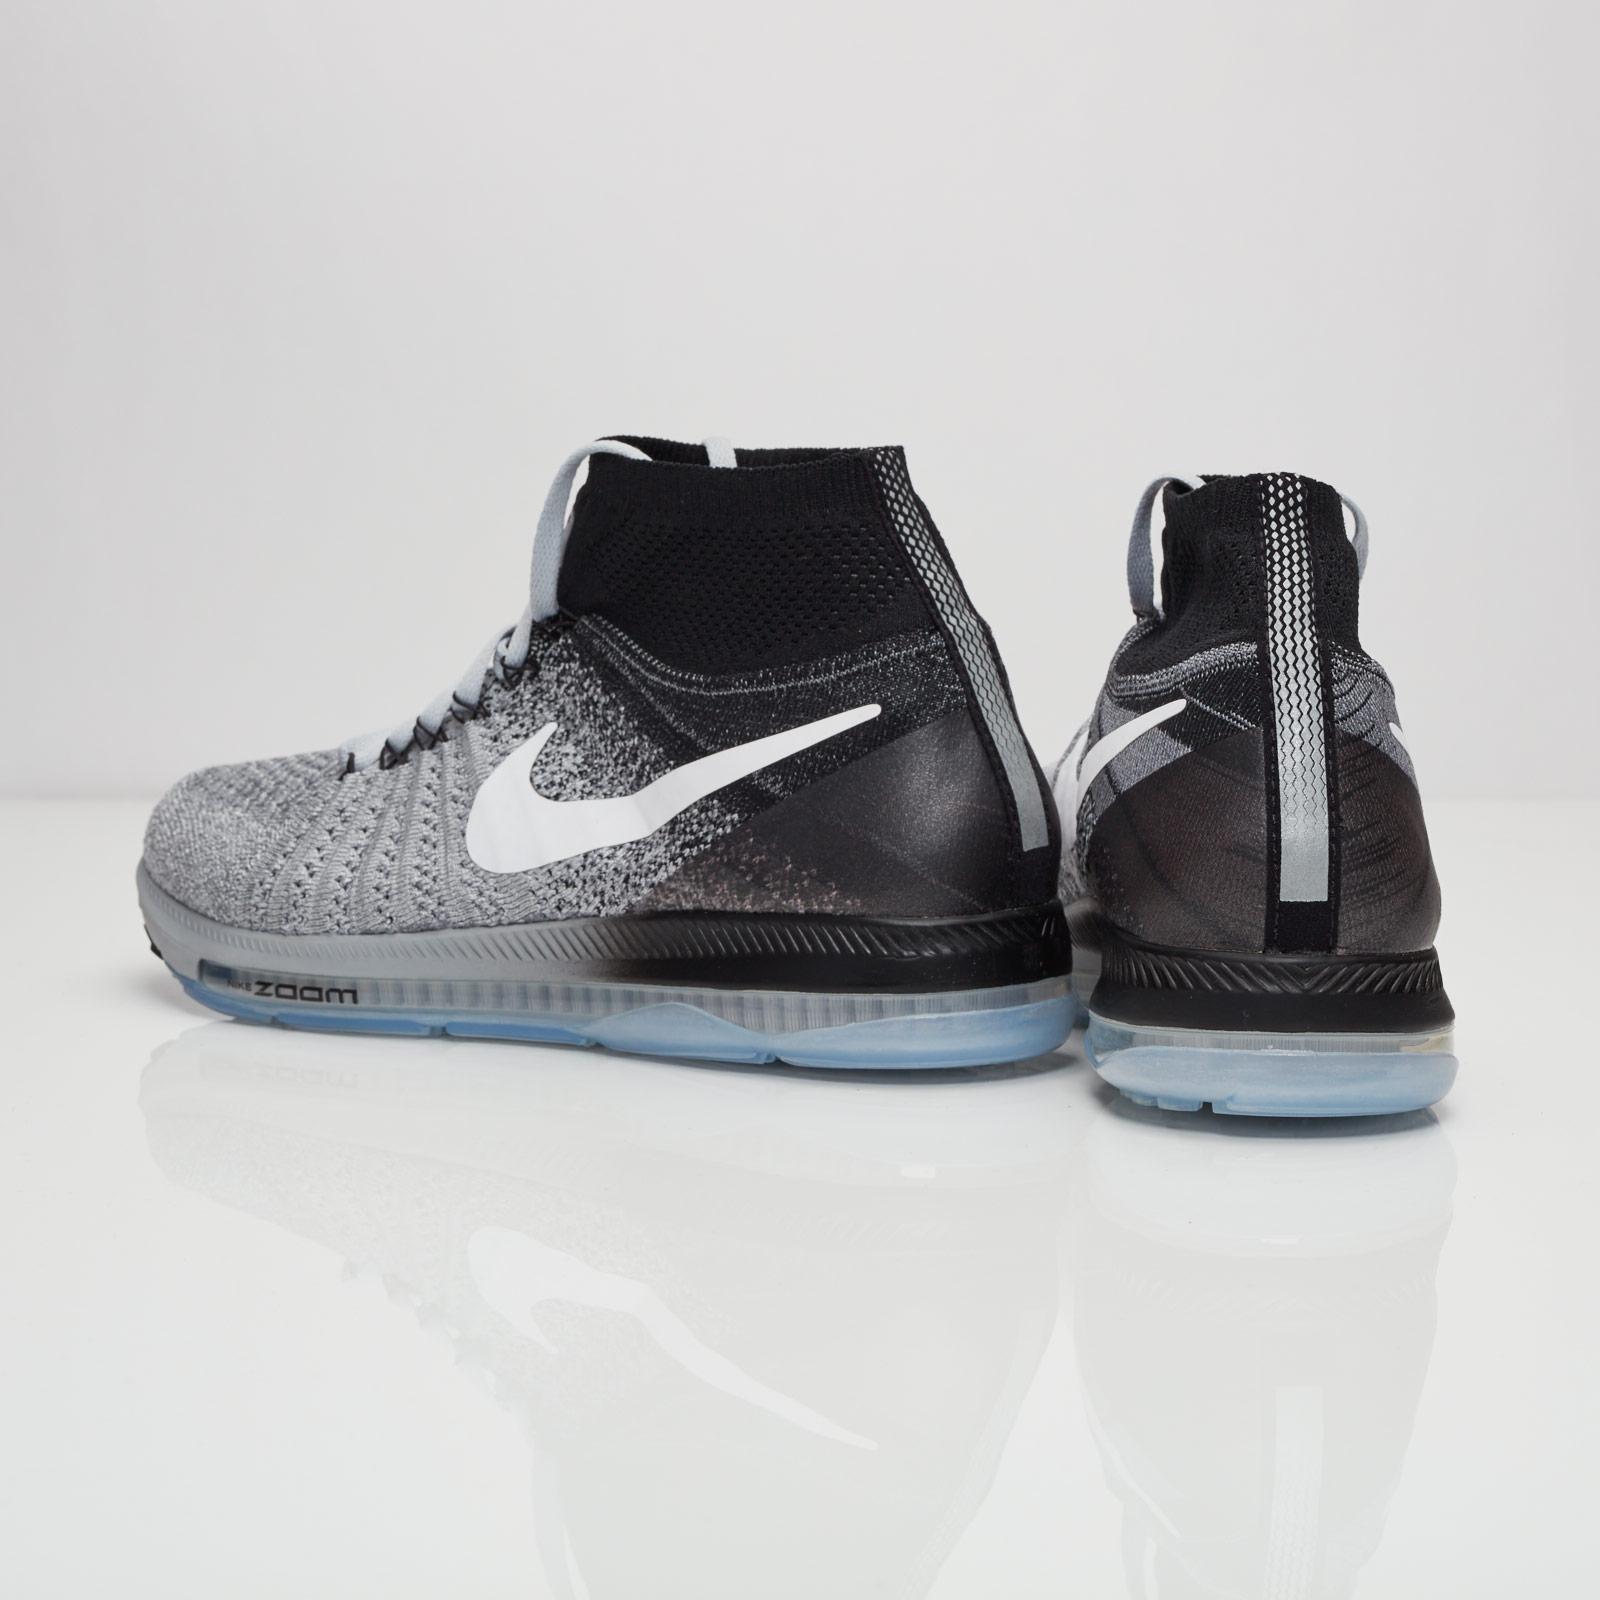 separation shoes 4f8ec b860e Nike Zoom All Out Flyknit - 844134-003 - Sneakersnstuff   sneakers    streetwear online since 1999